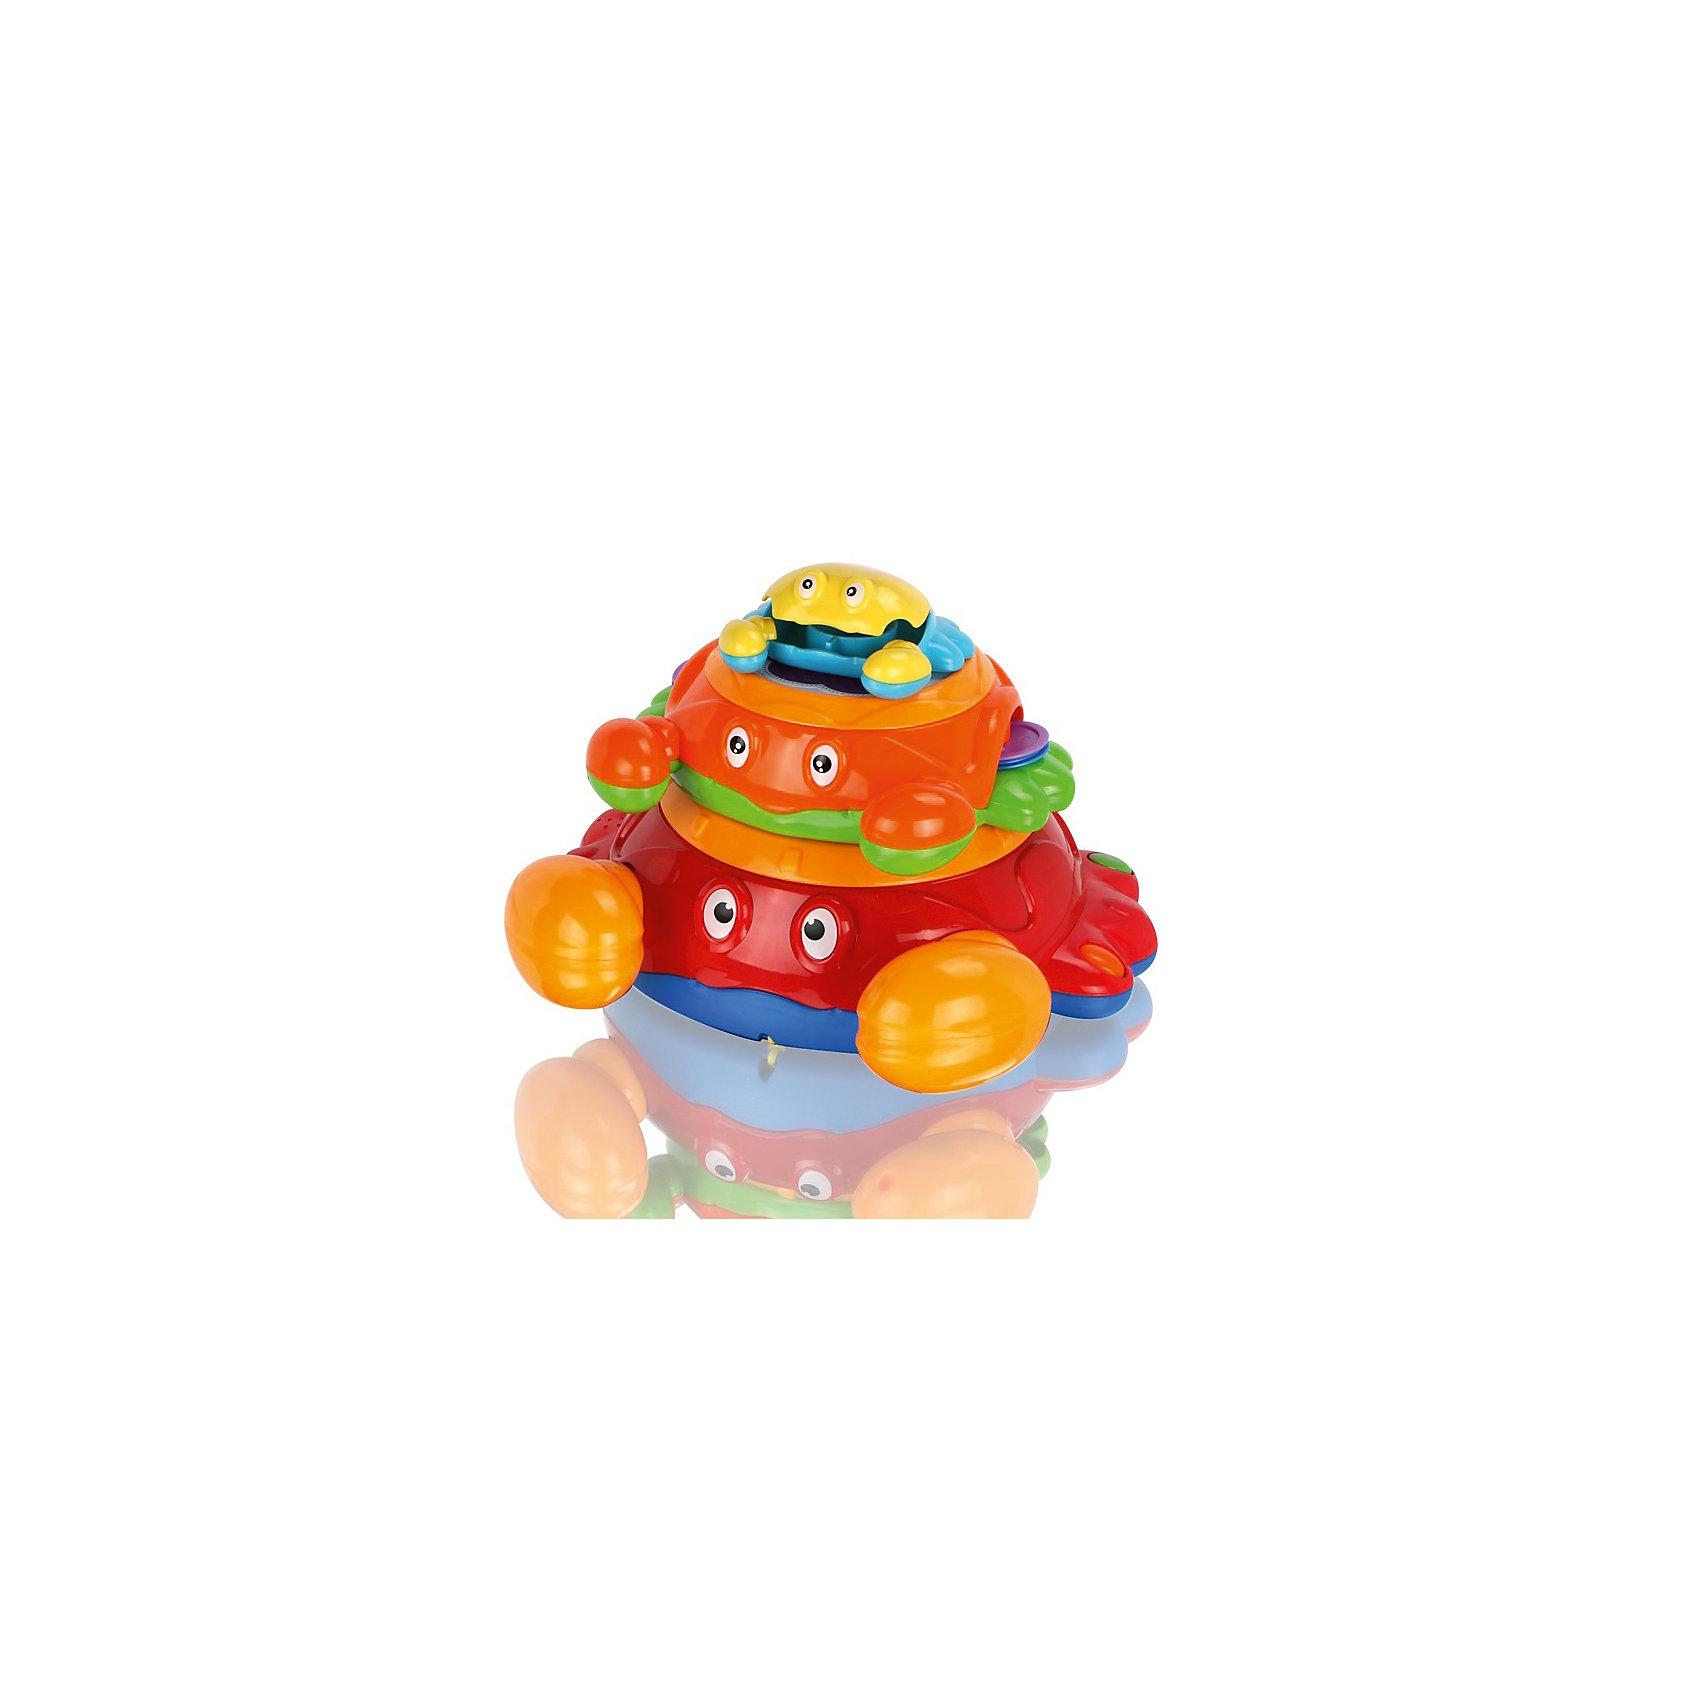 Музыкальная игрушка Крабики, МалышарикиПирамидки<br>материал - пластик<br><br>Ширина мм: 310<br>Глубина мм: 245<br>Высота мм: 270<br>Вес г: 1066<br>Возраст от месяцев: 12<br>Возраст до месяцев: 36<br>Пол: Унисекс<br>Возраст: Детский<br>SKU: 4342852